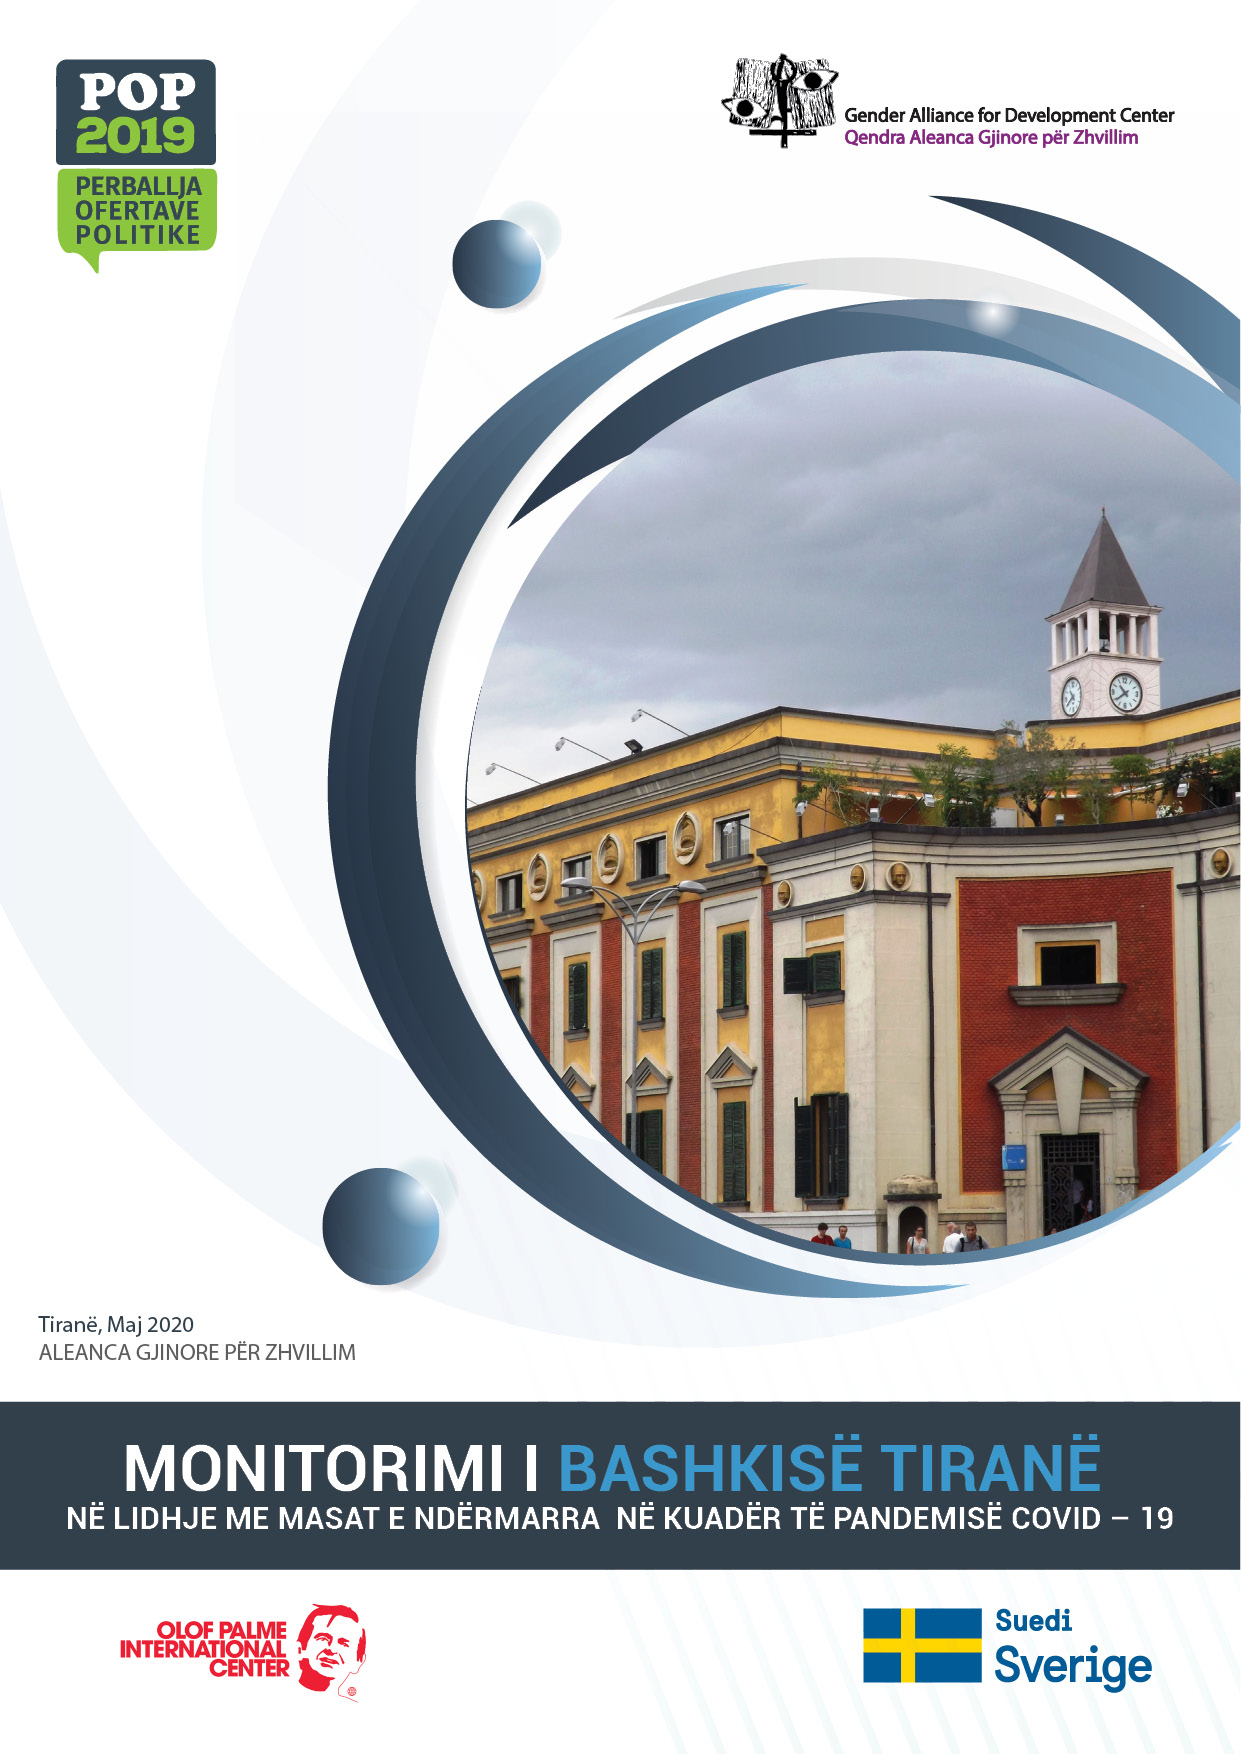 Monitorimi i bashkise Tirane